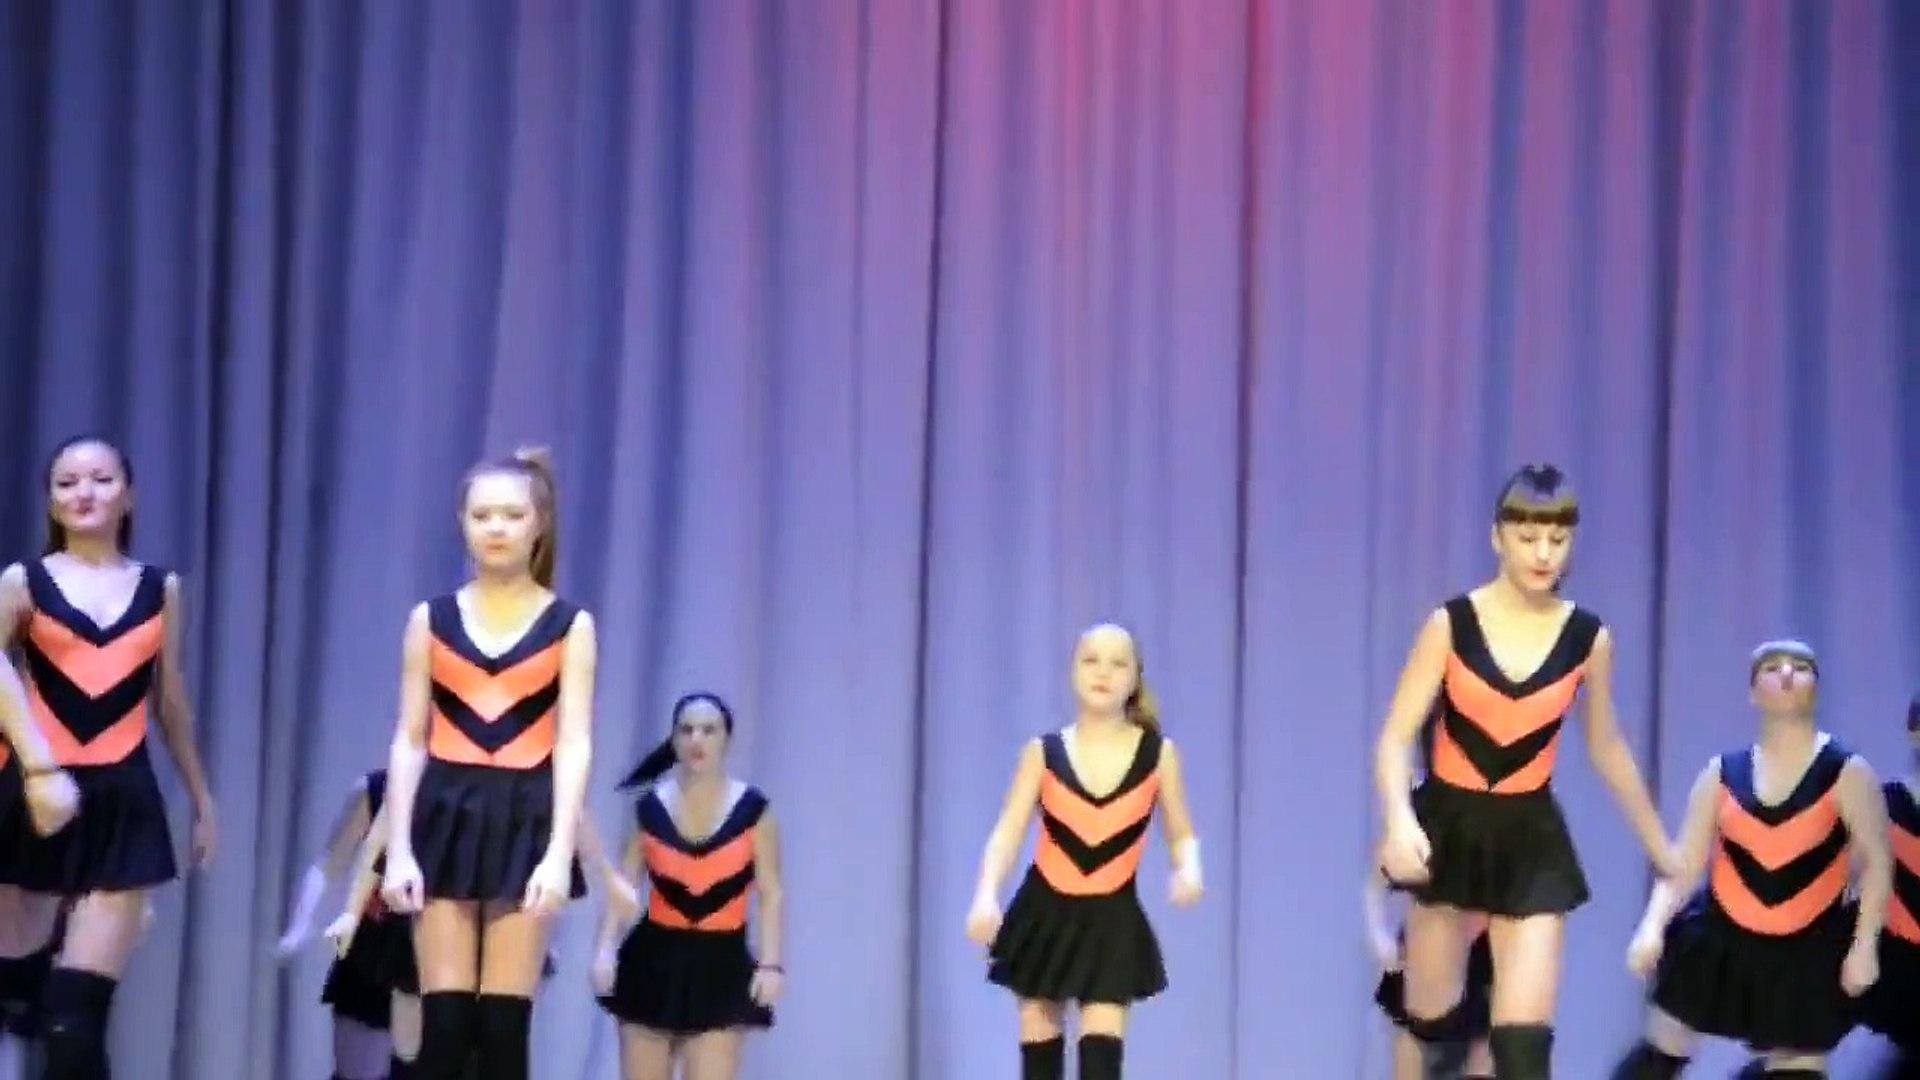 Bees and Winnie the Pooh Children's Theatre School Orenburg Schoolgirls dancing twerk